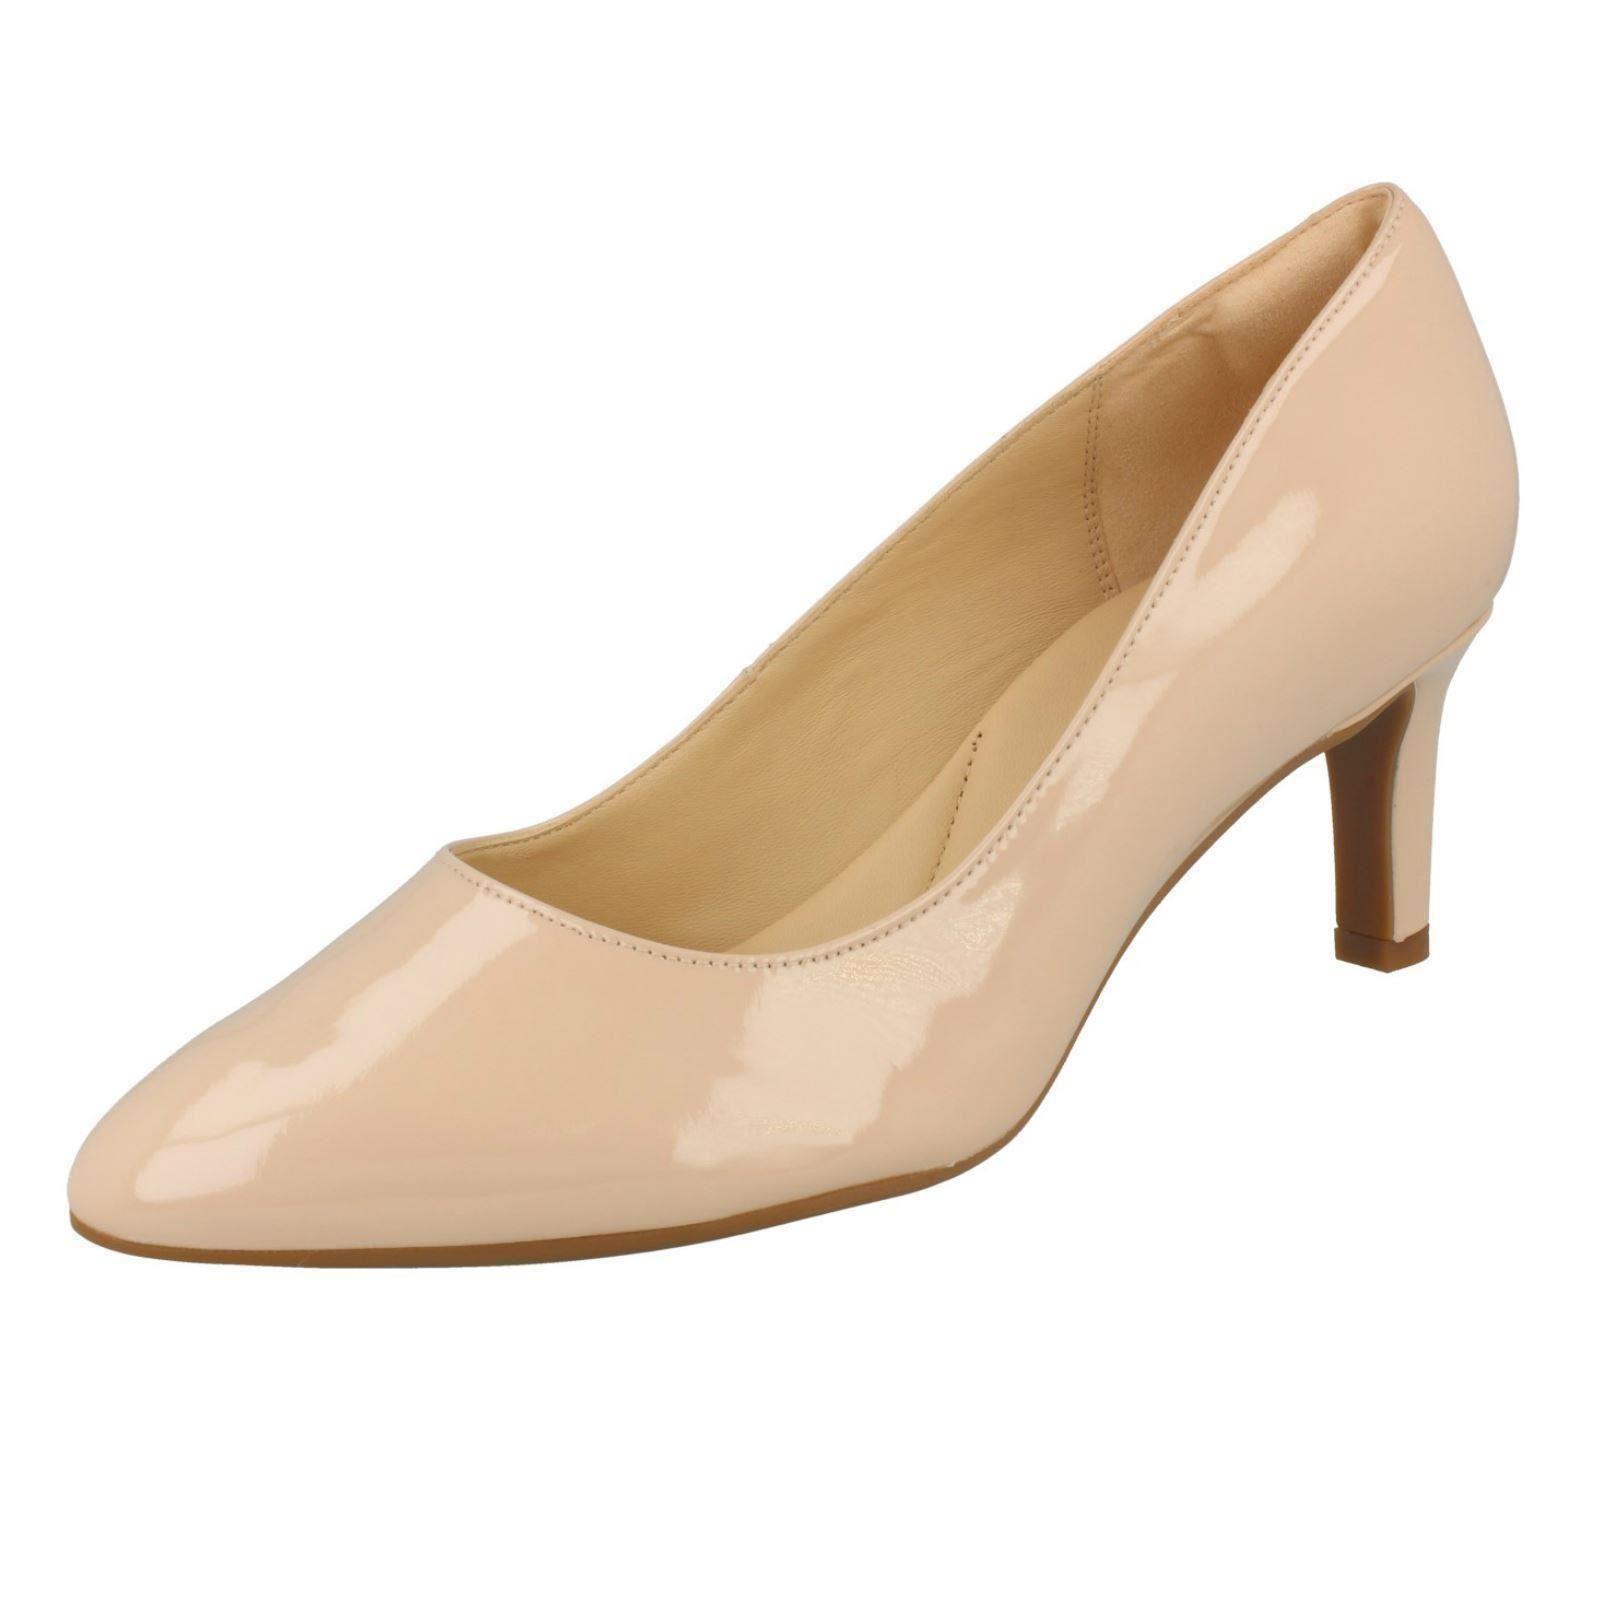 Textura Salón De Con Zapatos Rosa ' Mujer Cala Clarks PcfqSS